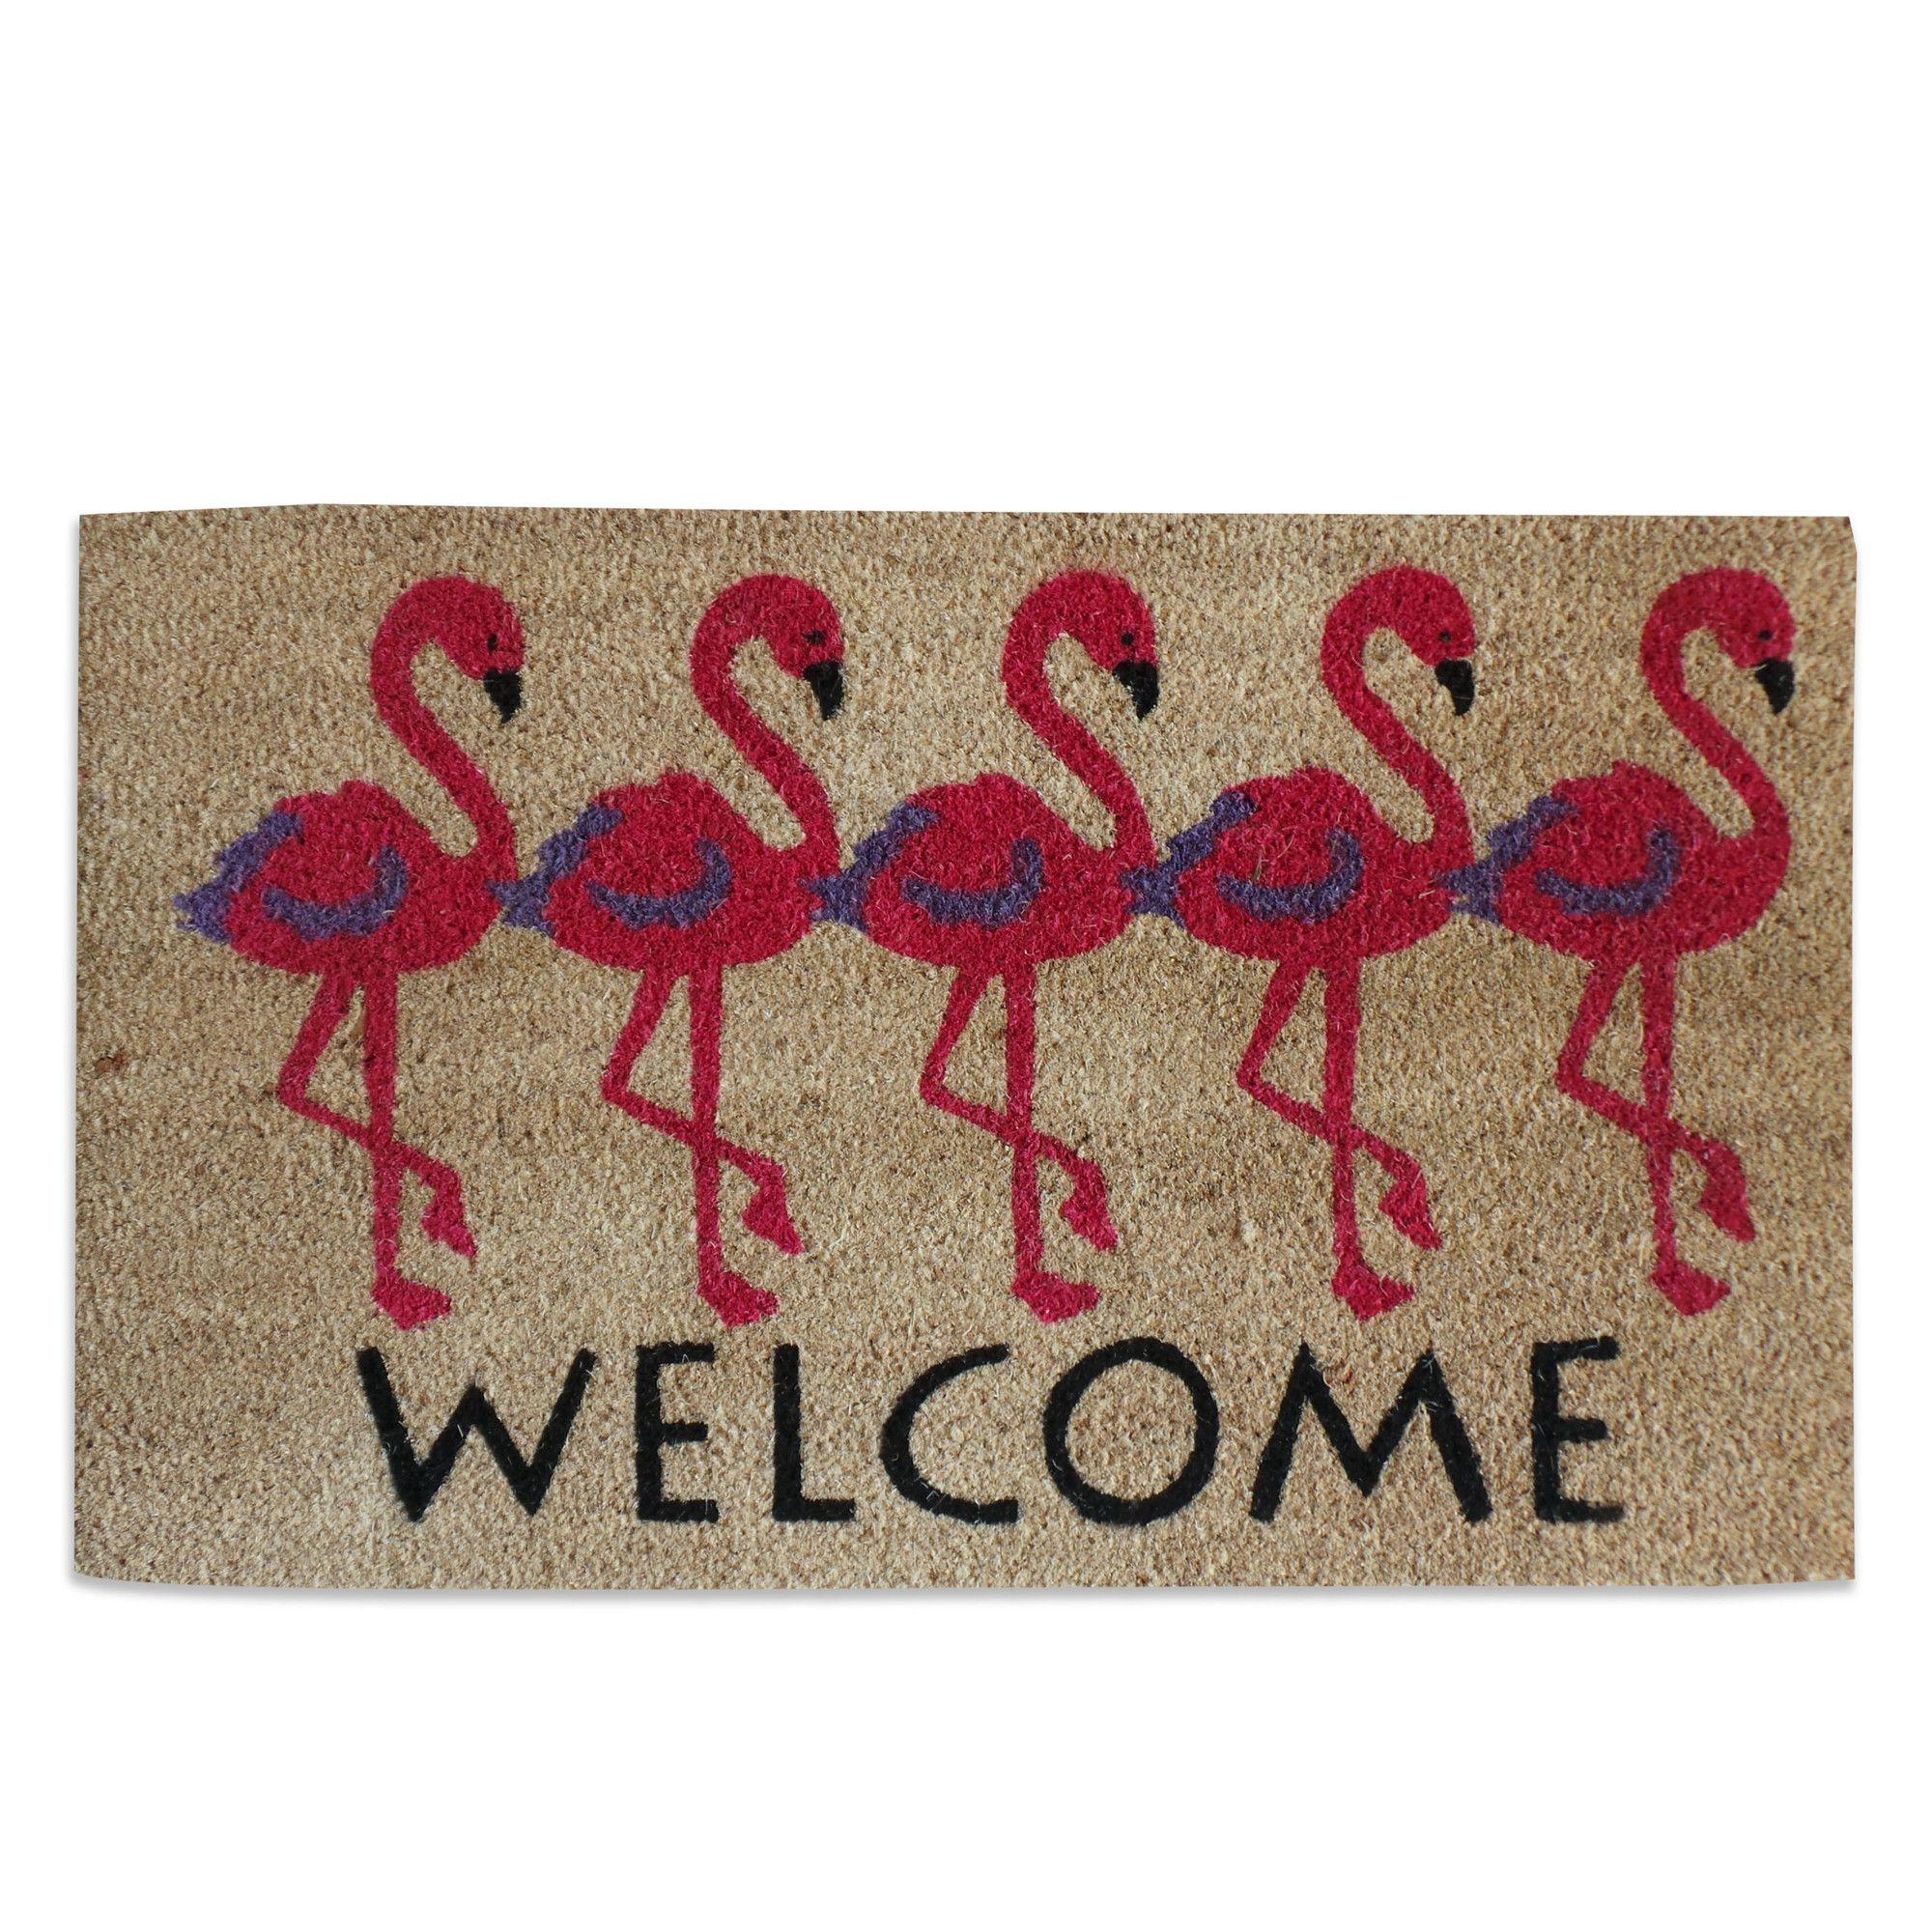 Flamingo Welcome Doormat   Pinterest   Doormat and Flamingo